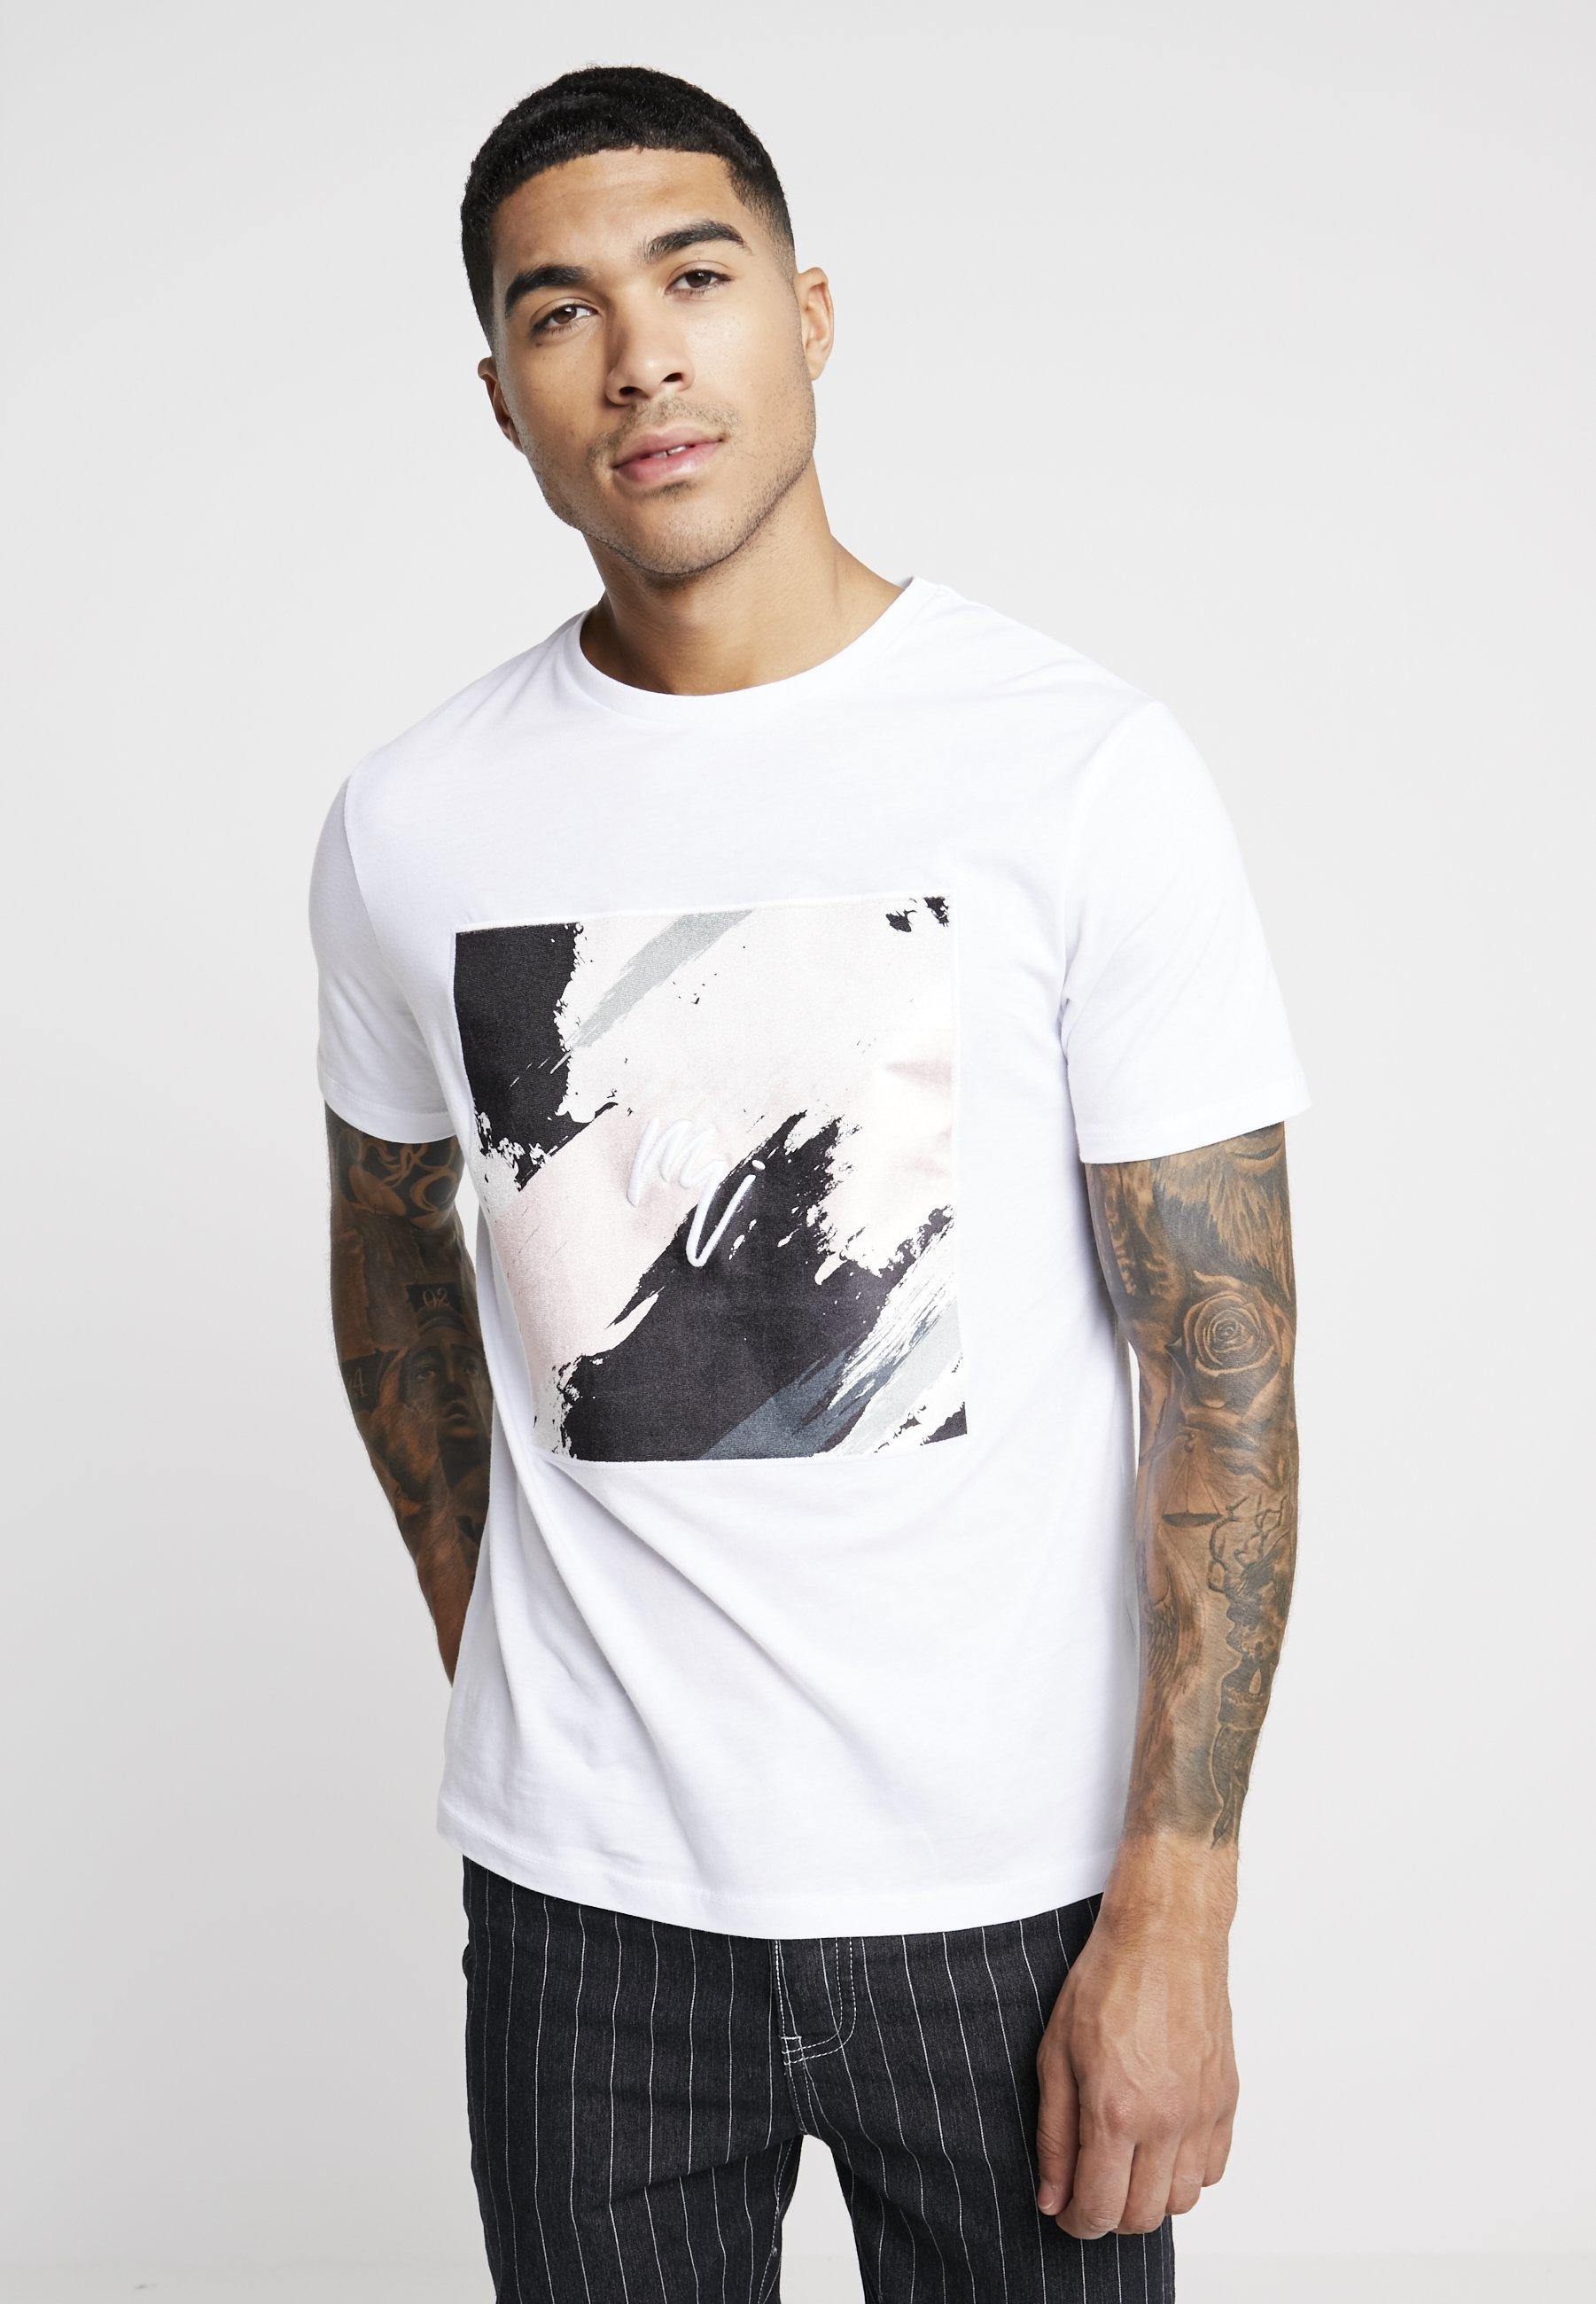 Island T shirt T River ImpriméWhite ImpriméWhite River River Island shirt cLAq354Rj